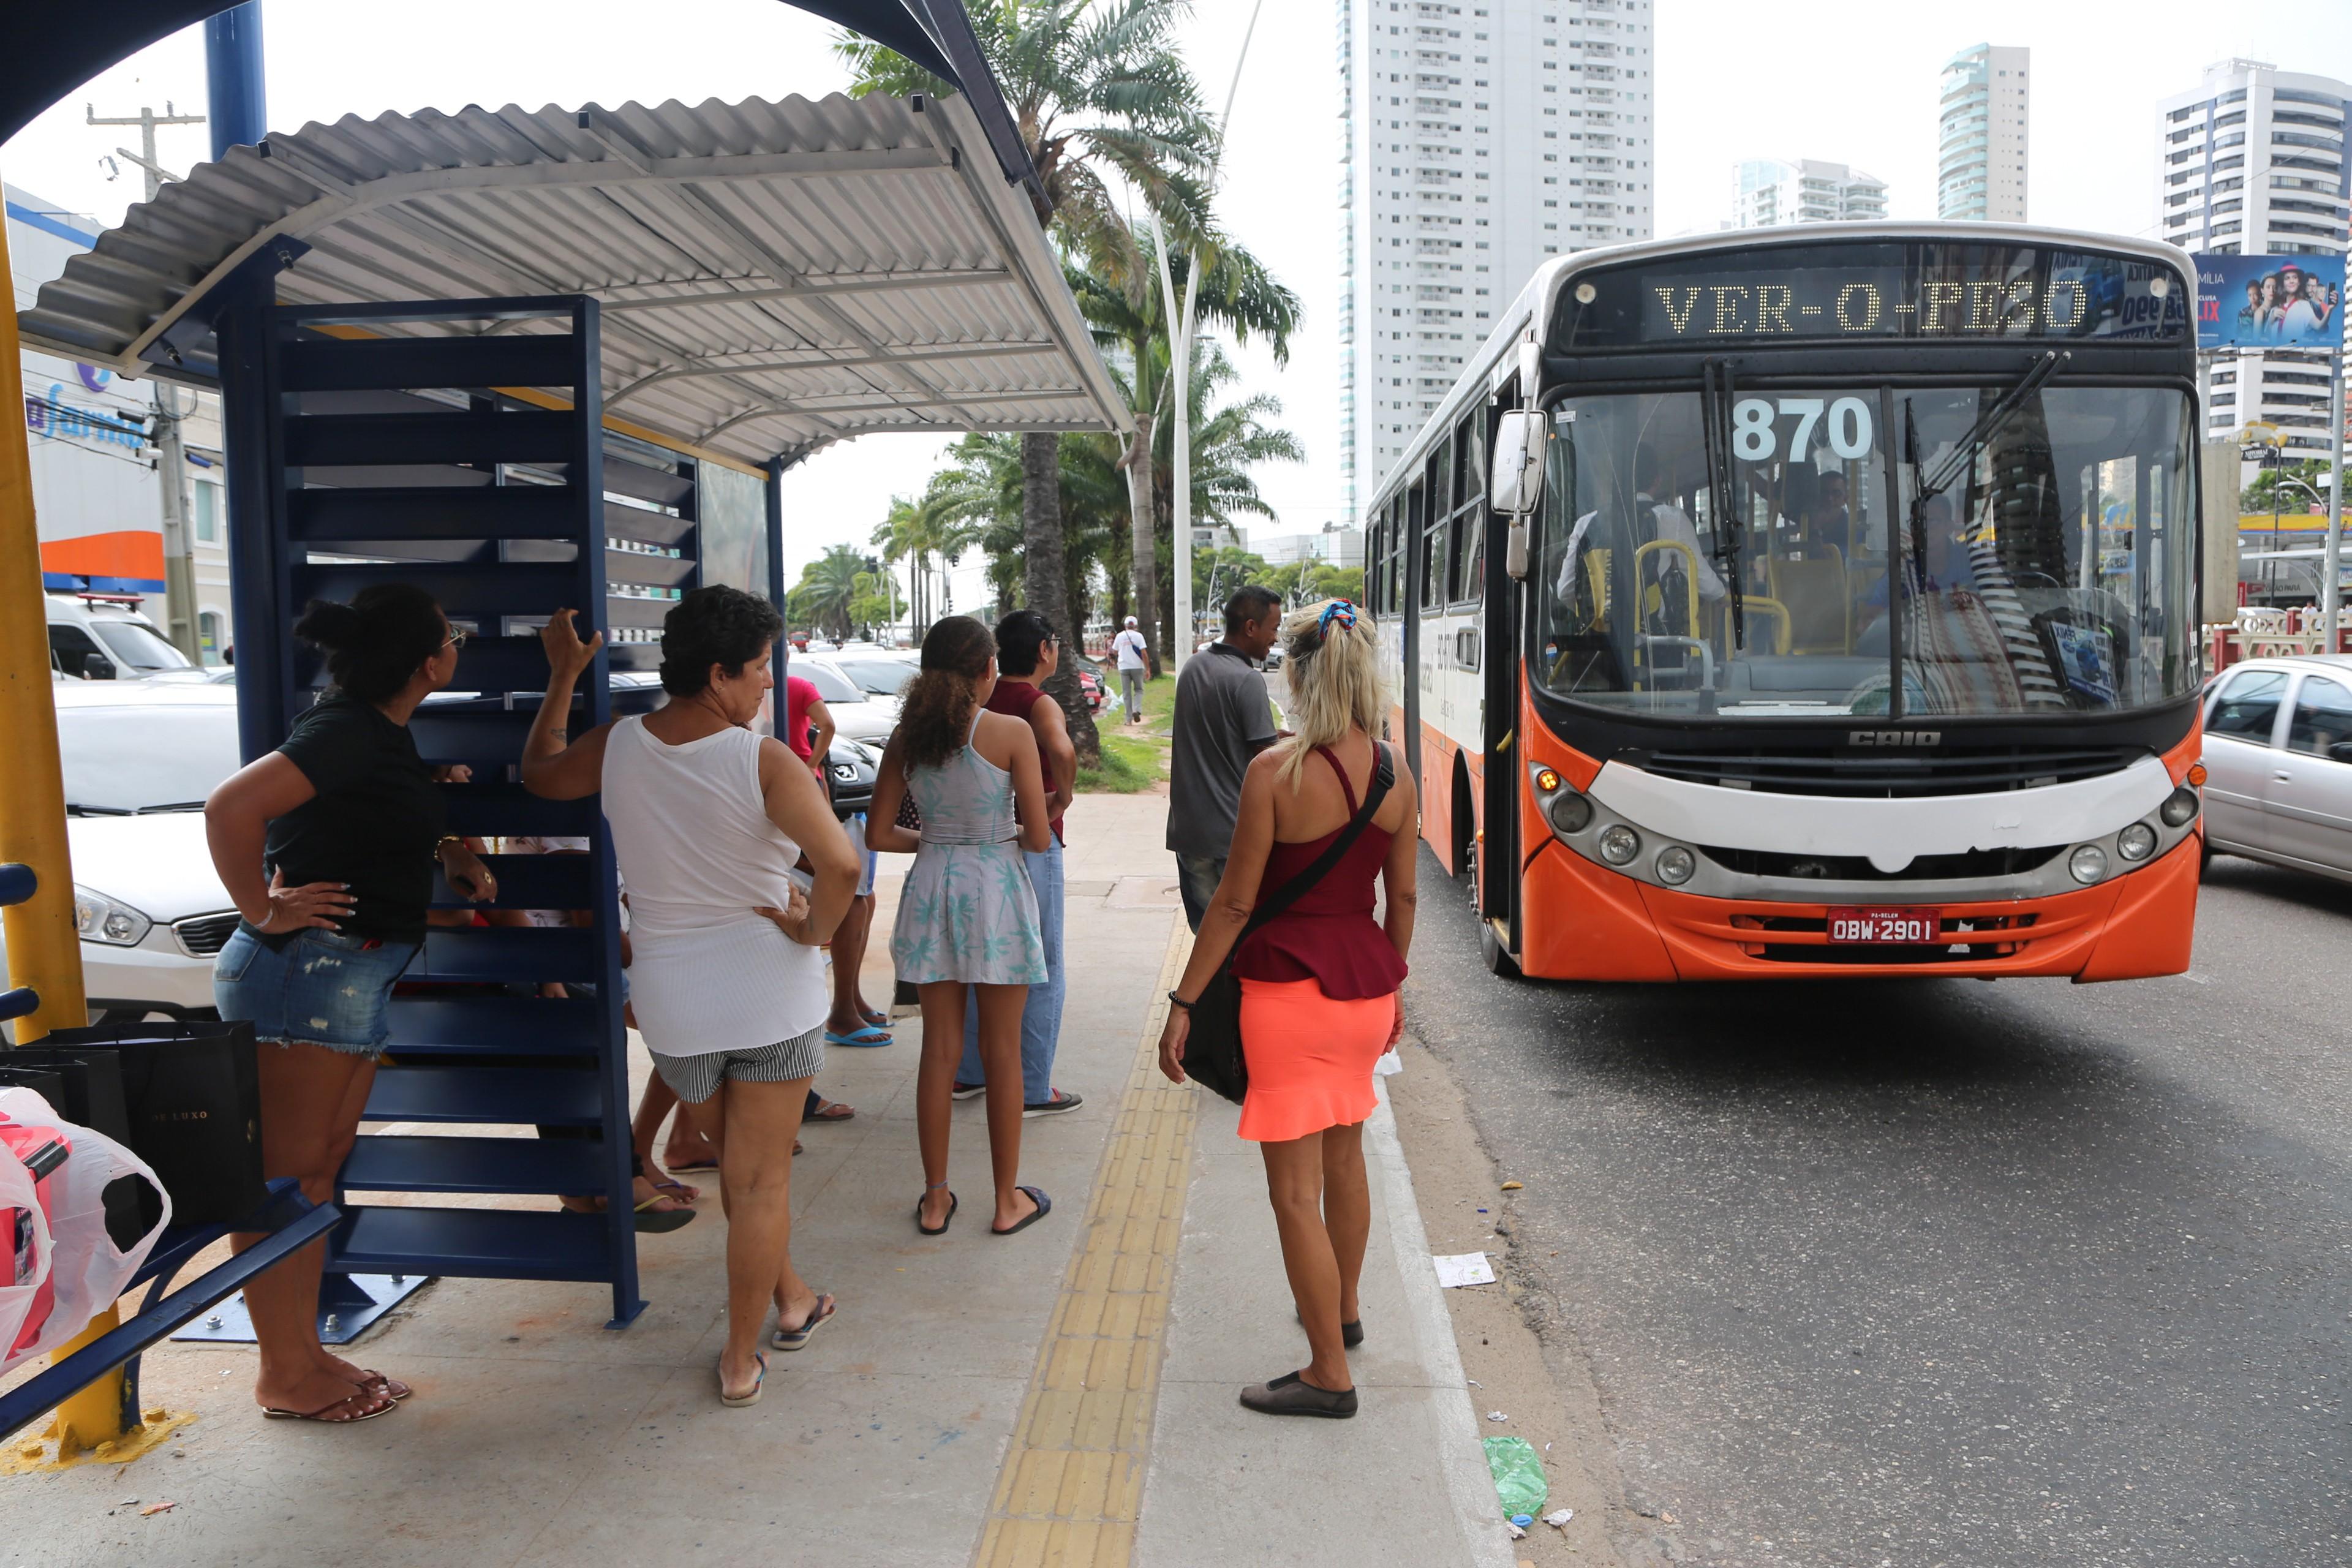 Prefeitura de Belém diz que vai instalar 200 novos abrigos de paradas de ônibus - Notícias - Plantão Diário